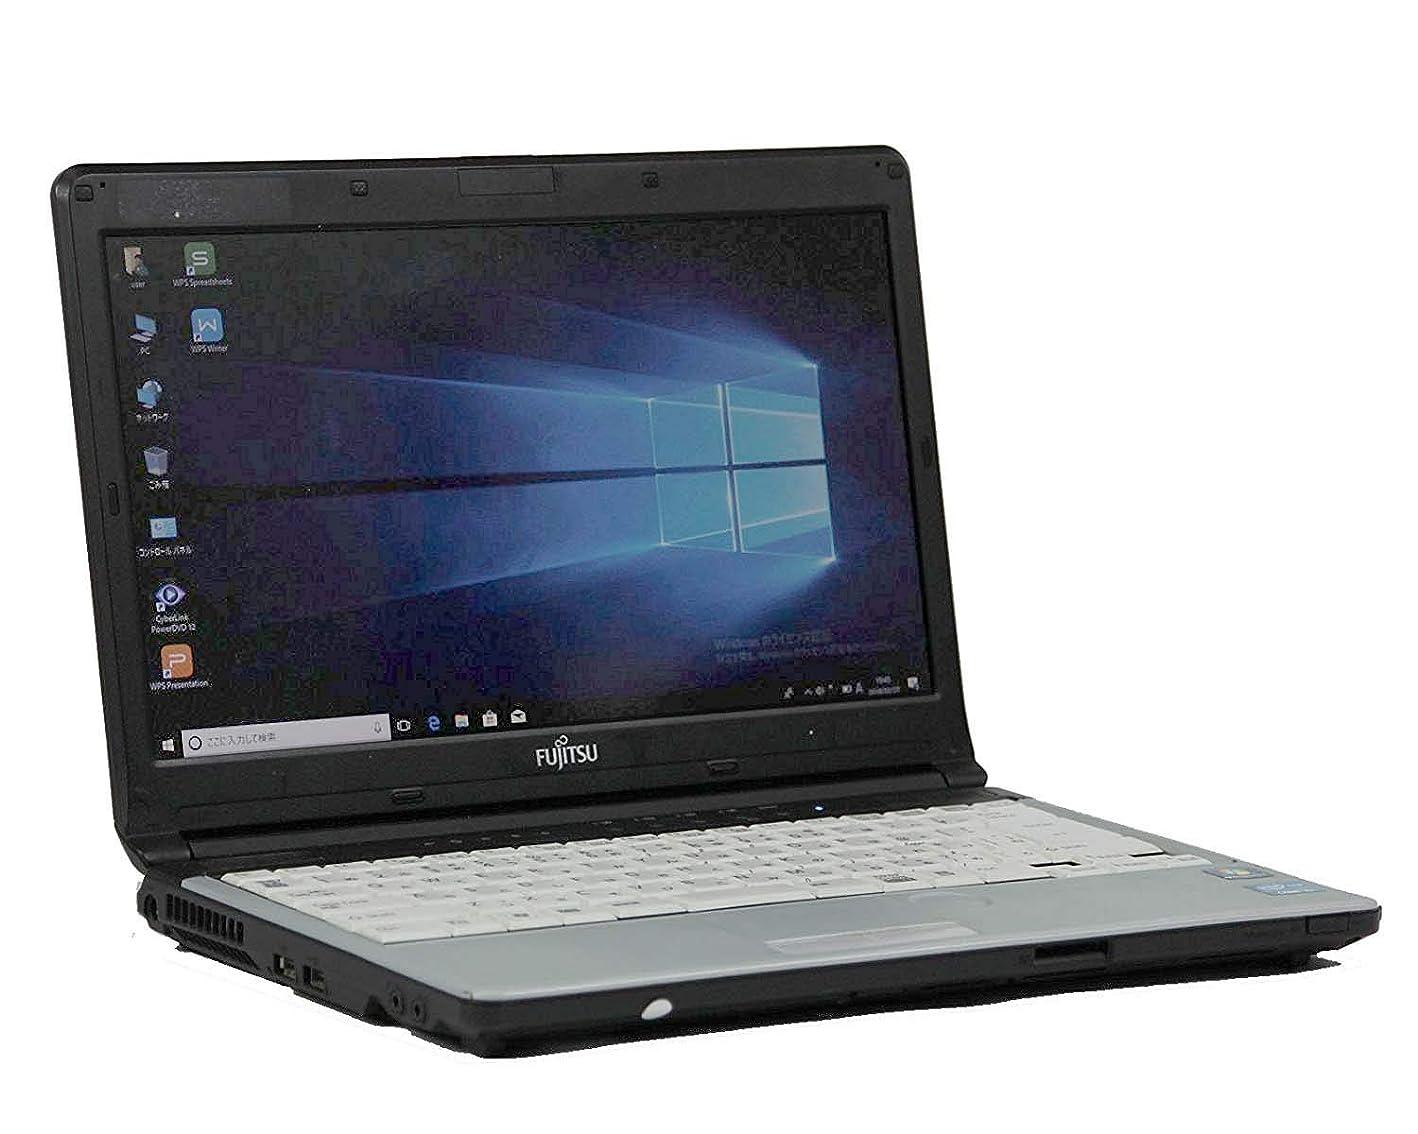 浅い慈悲キネマティクス[ 中古ノートパソコン / WPS Office ] 富士通 LIFEBOOK S761/C Windows10 13.3インチ Core i5 2520M 2.5GHz メモリ4GB HDD160GB [ DVD-ROMドライブ ]